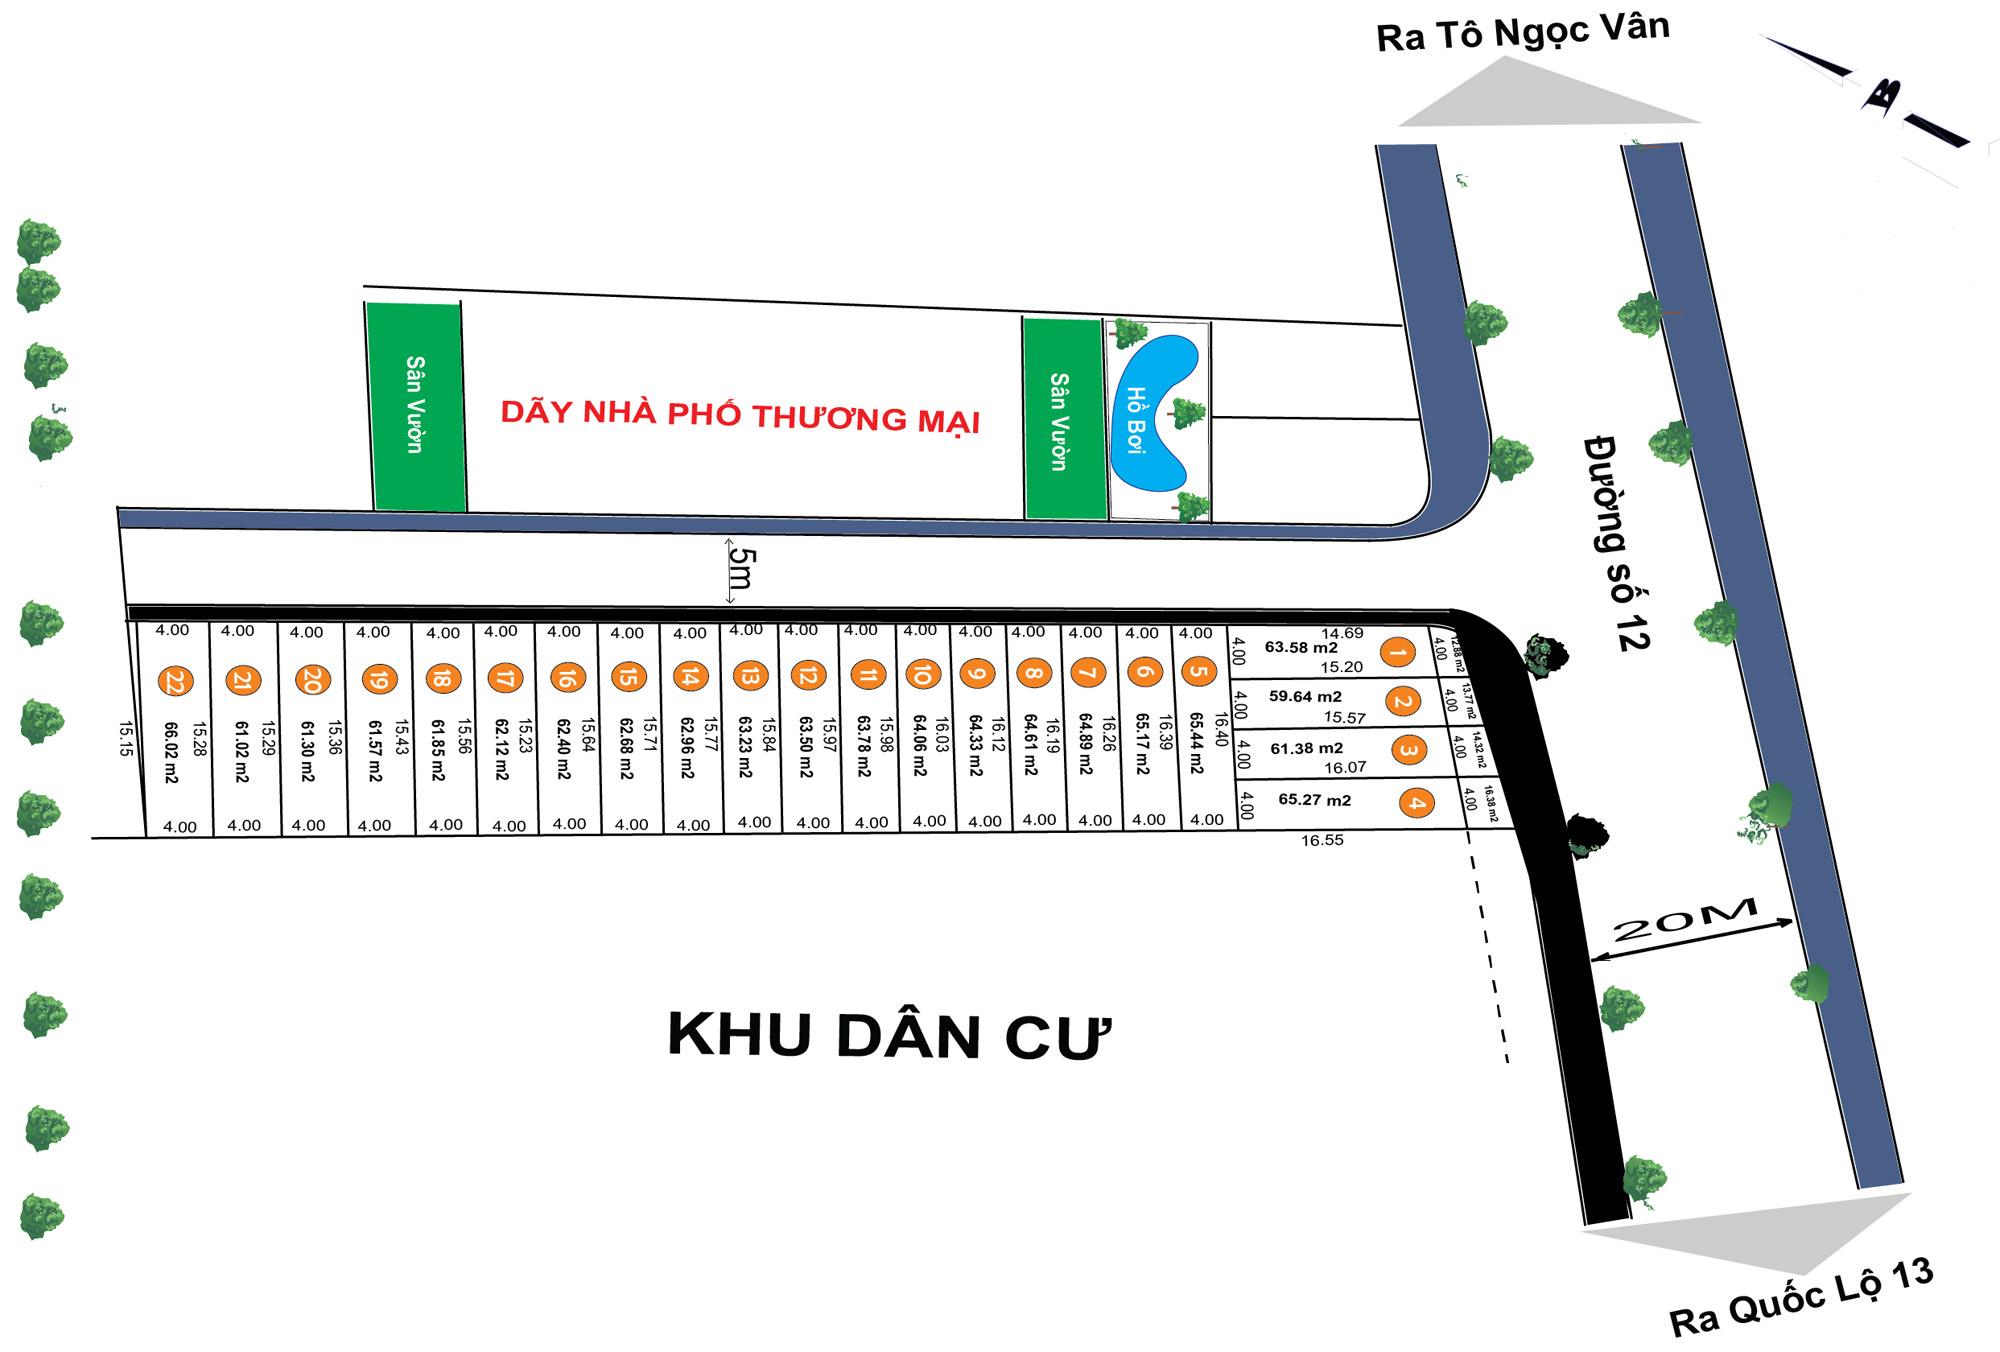 Dự án Khu dân cư cao cấp Đồng Khởi – Q.Thủ Đức